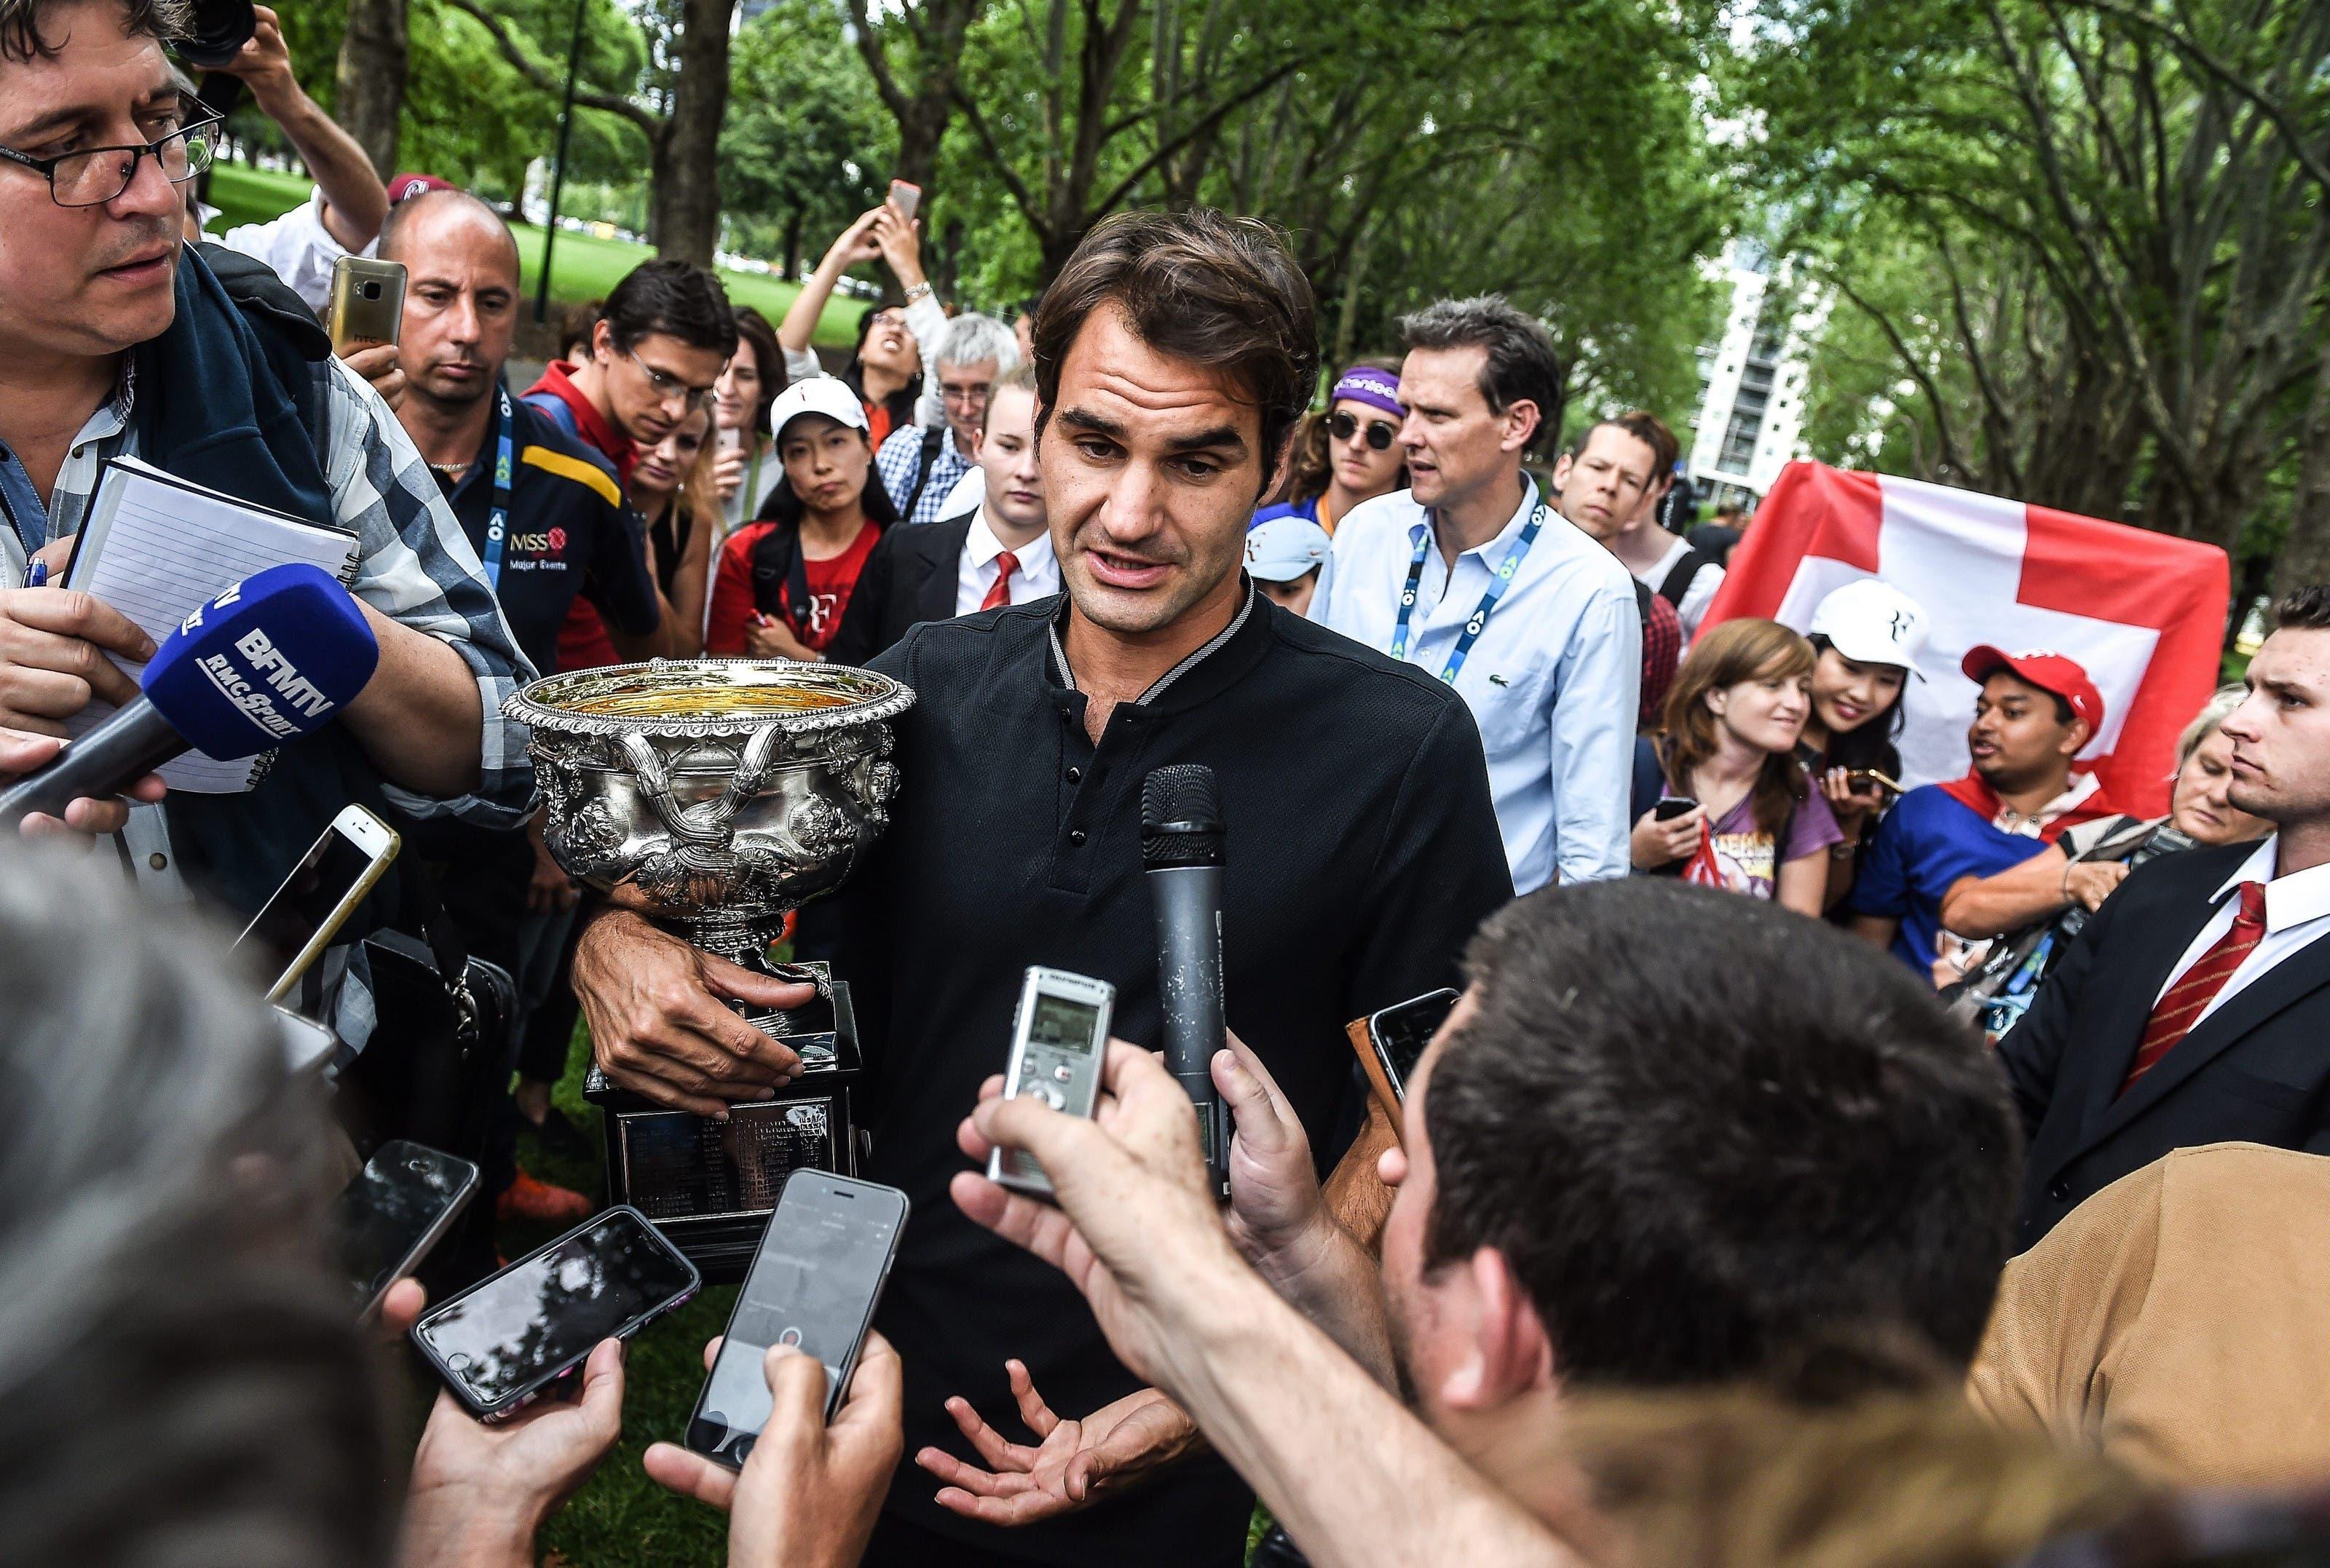 Keine ruhige Minute: Nach seinem sensationellen Turniersieg an den Australian Open wird Roger Federer vor seinem Fototermin in den Carlton Gardens von Journalisten in Beschlag genommen.